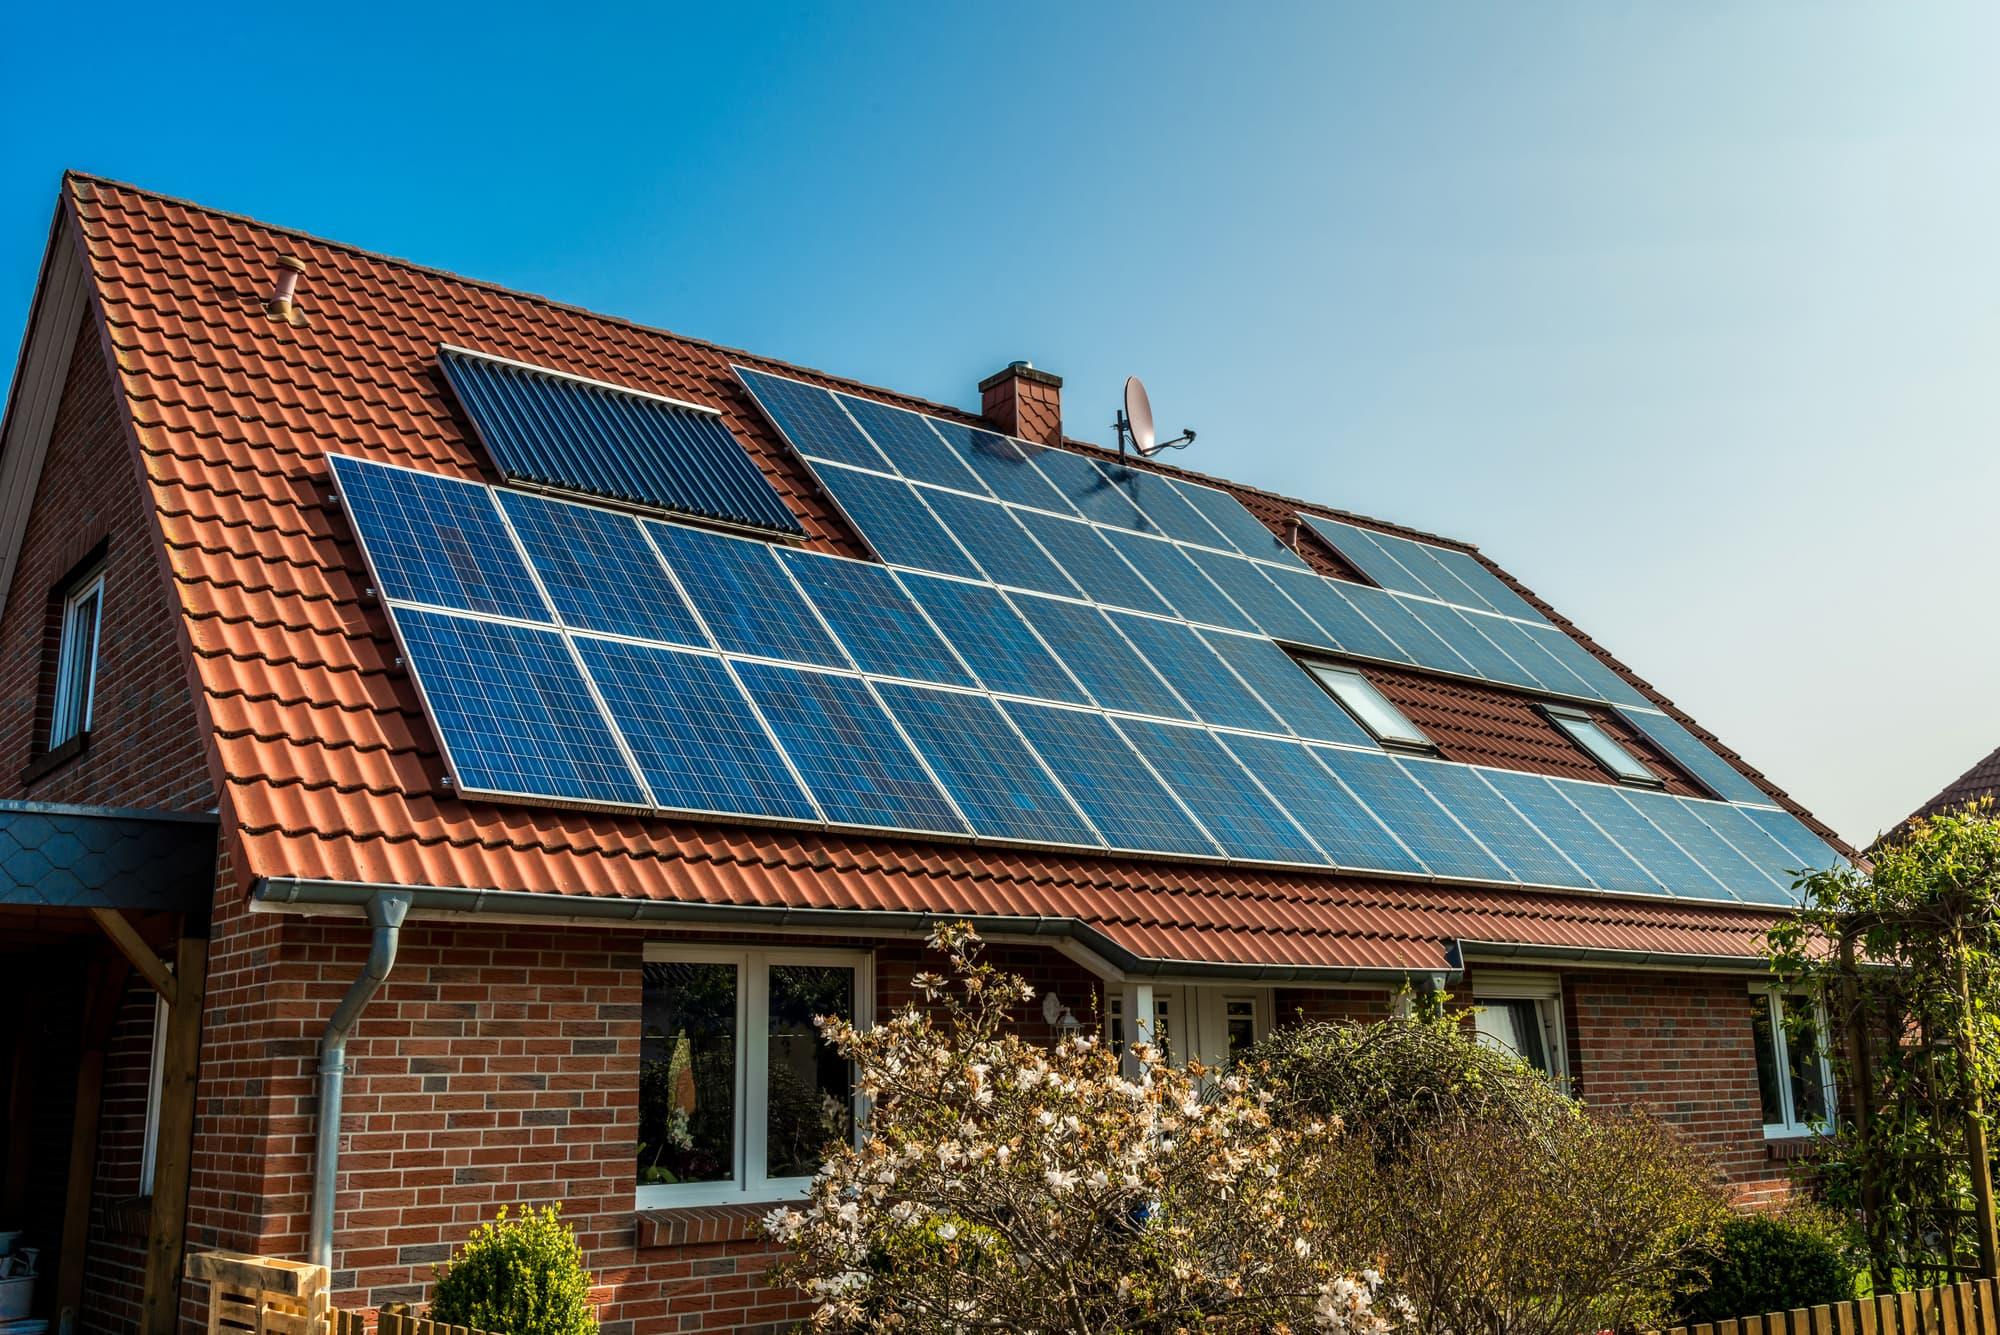 Sinne Techniek is de zonnepanelen specialist van Friesland